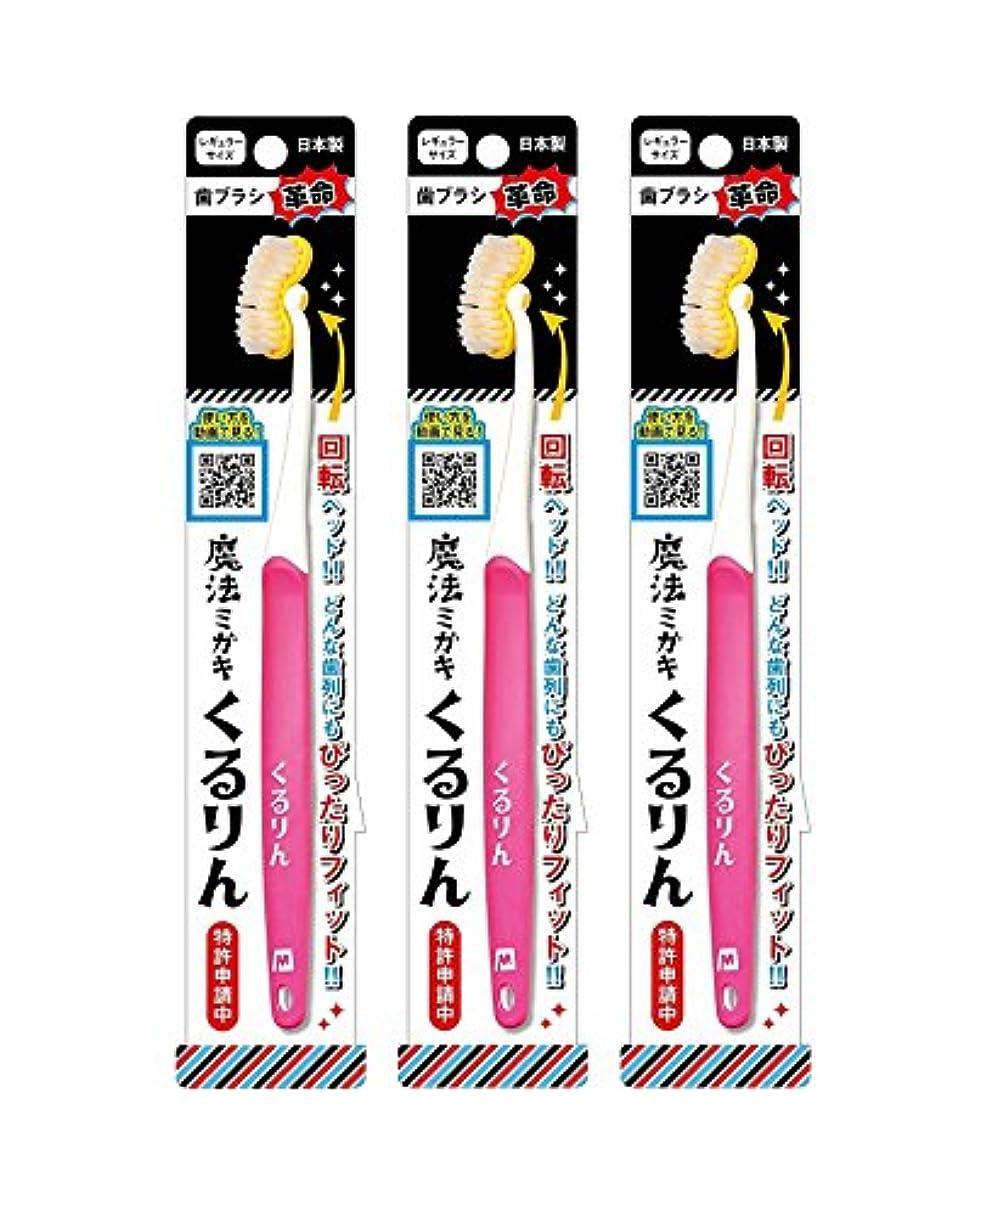 インシュレータどうしたの洗練された歯ブラシ革命 魔法ミガキくるりん MM-150 ピンク 3本セット